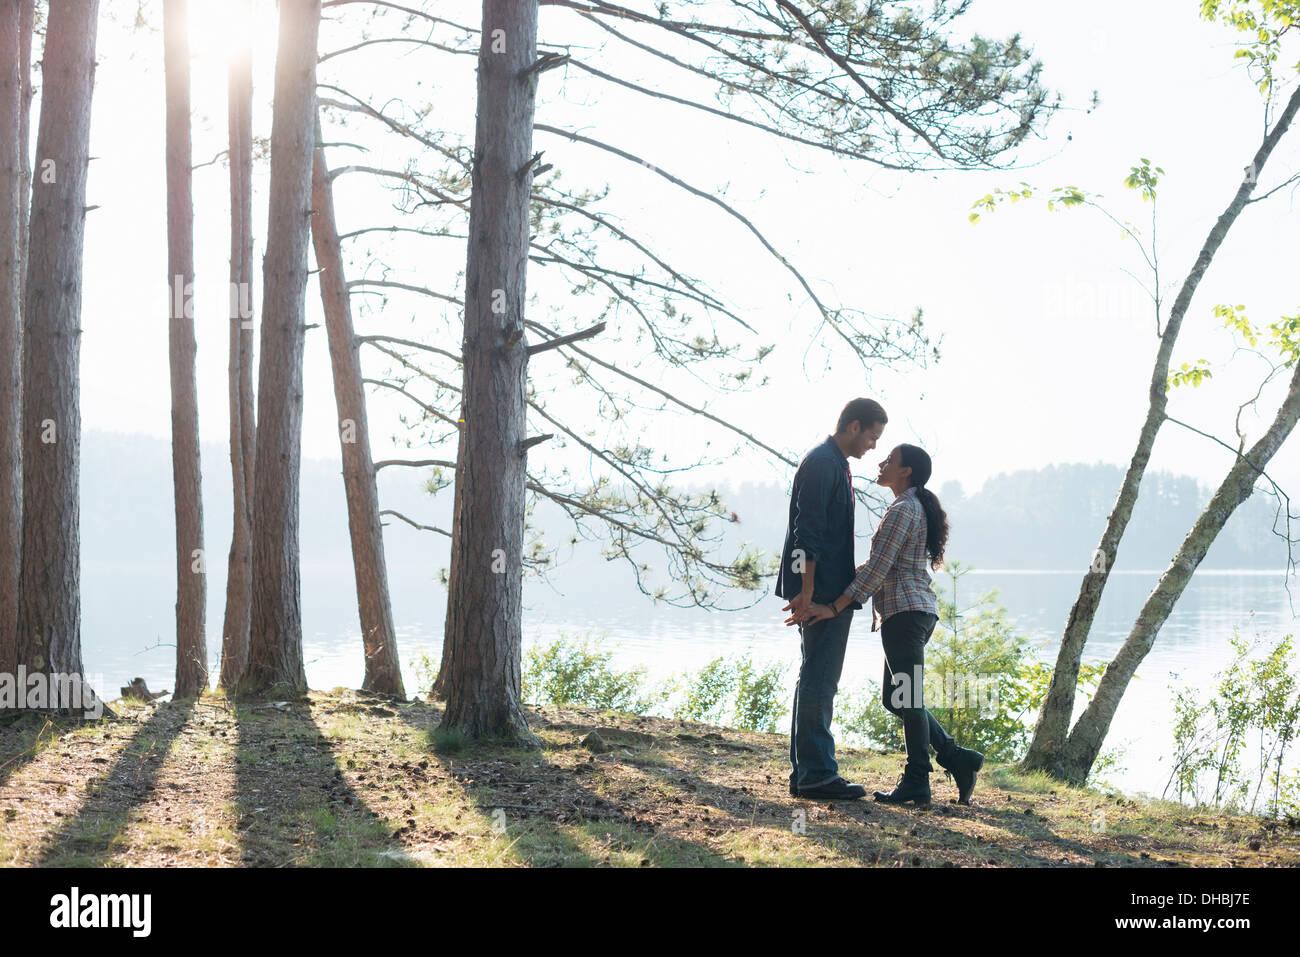 Directement au bord du lac. Un couple en train de marcher dans l'ombre des pins en été. Photo Stock